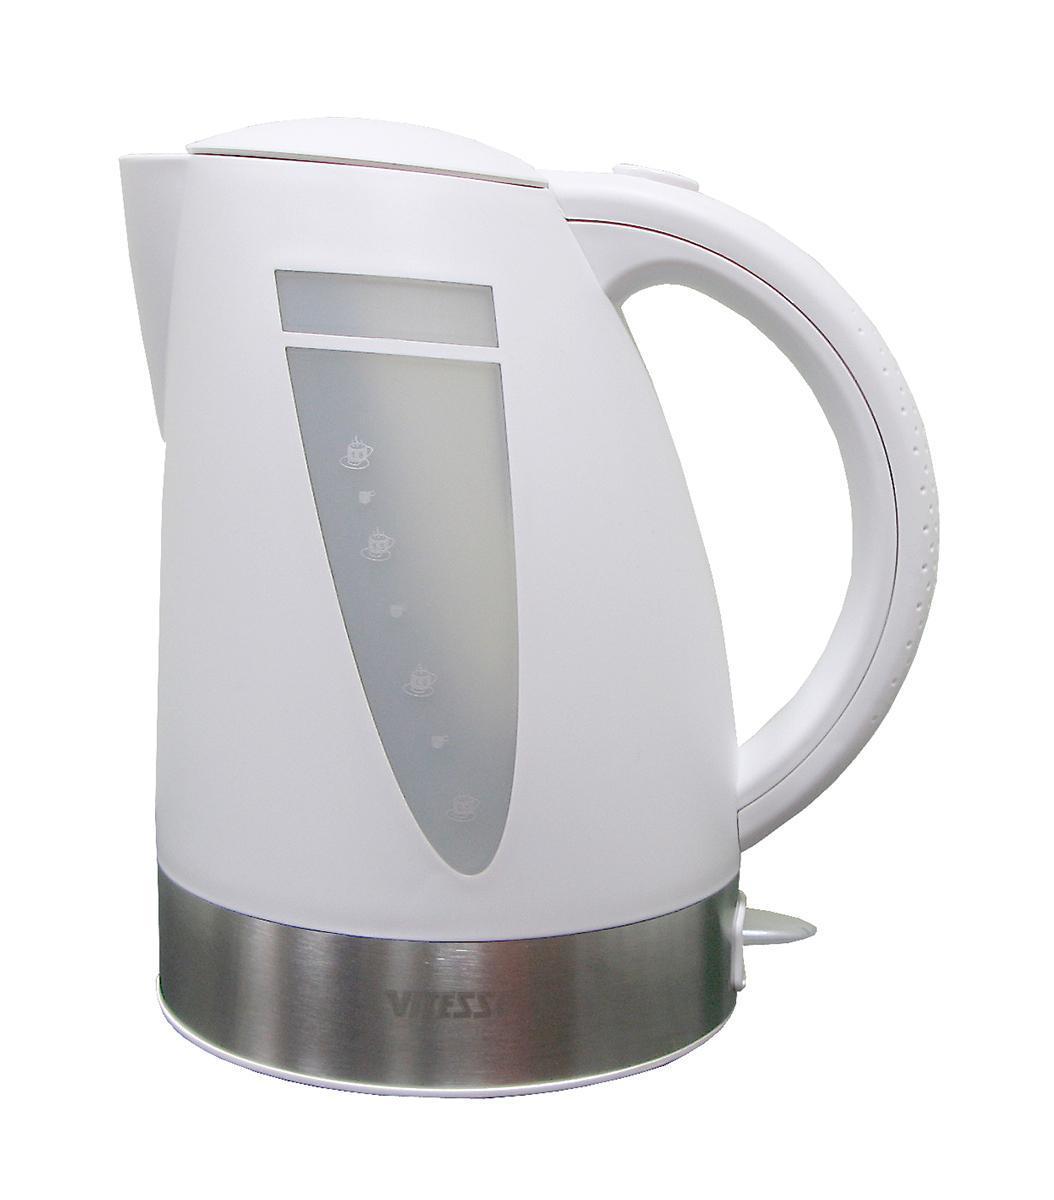 Vitesse VS-129, WhiteVS-129, WhiteБлагодаря электрочайнику Vitesse VS-129 Вам не нужно ждать, пока вода закипит на плите - электрочайник сделает это всего за несколько секунд! Чайники Vitesse – это гарантия качества и безопасности. Французская фирма, которая поставляет посуду и кухонные принадлежности на мировой рынок уже много лет, славится своим высоким качеством продукции, внимательным отношением к потребителю и гарантией безопасности электроприборов, которые имеют прочную сборку и хорошие материалы, поэтому прослужат Вам долго! Vitesse предлагает широкий ассортимент электрочайников с набором разных функций, с различными дизайнами, каждый из которых подойдет под тот или иной стиль кухни.